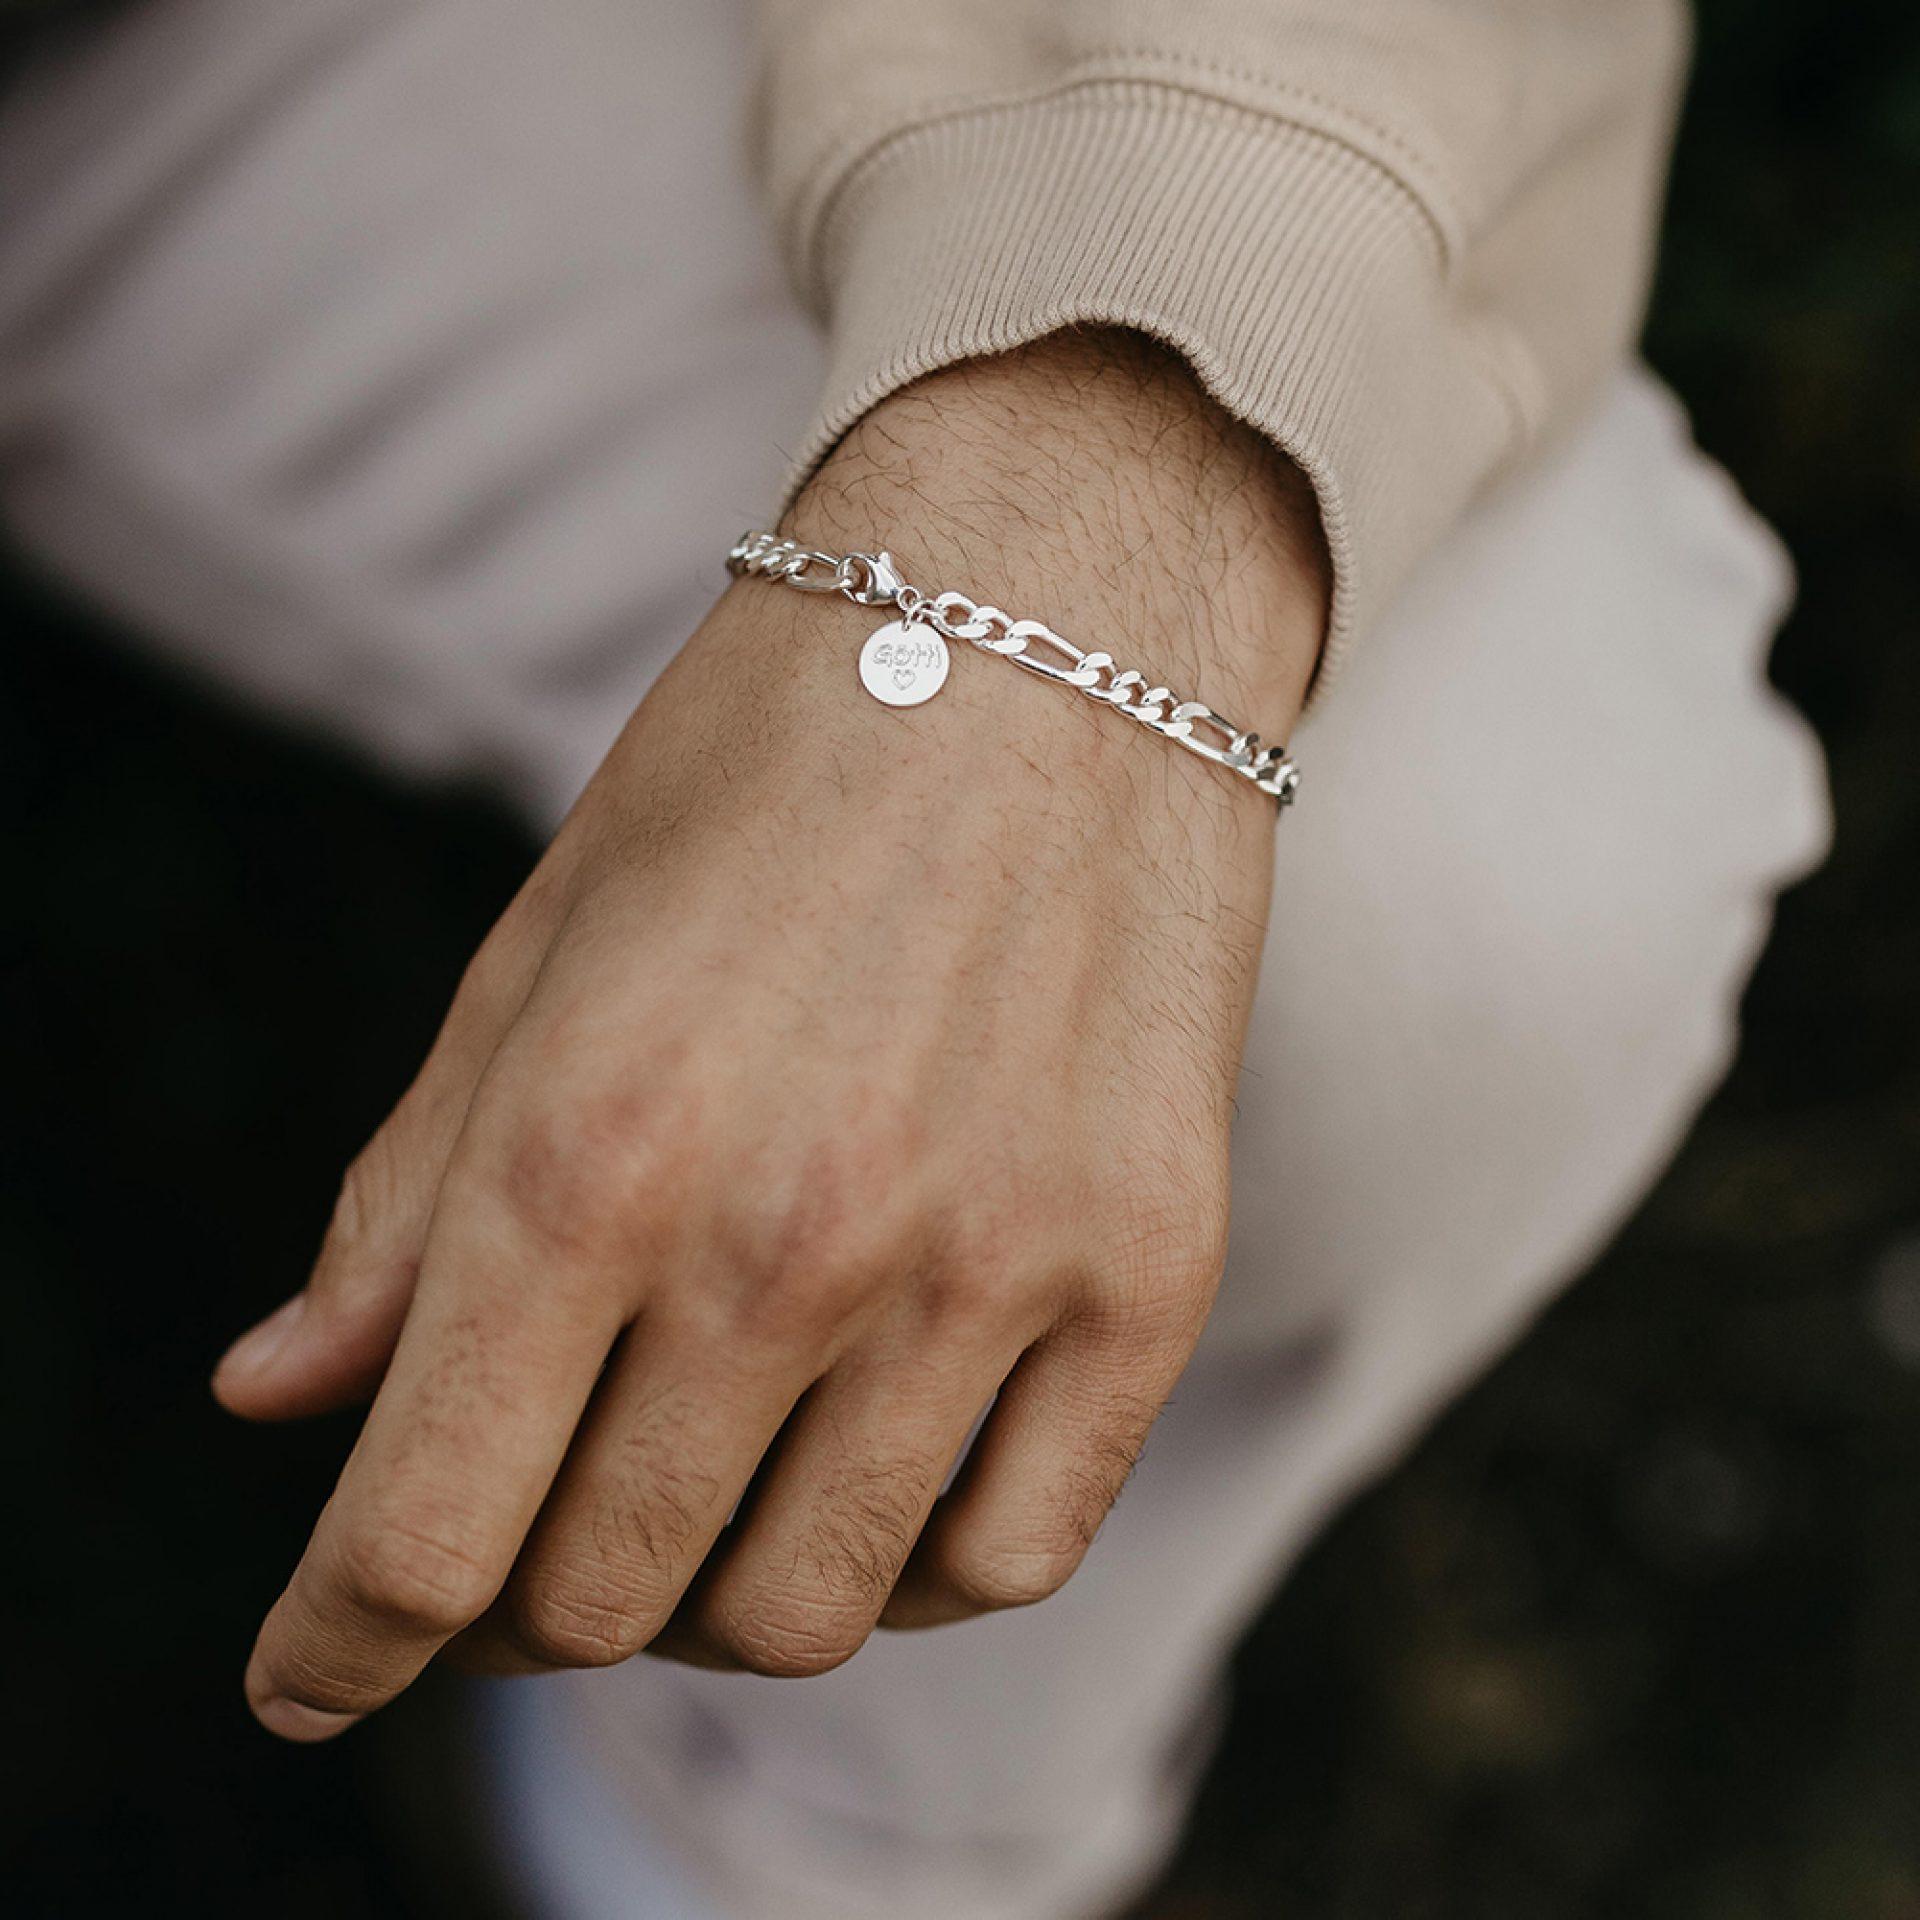 Personalisierte Armkette für Herren aus Silber mit Gravur